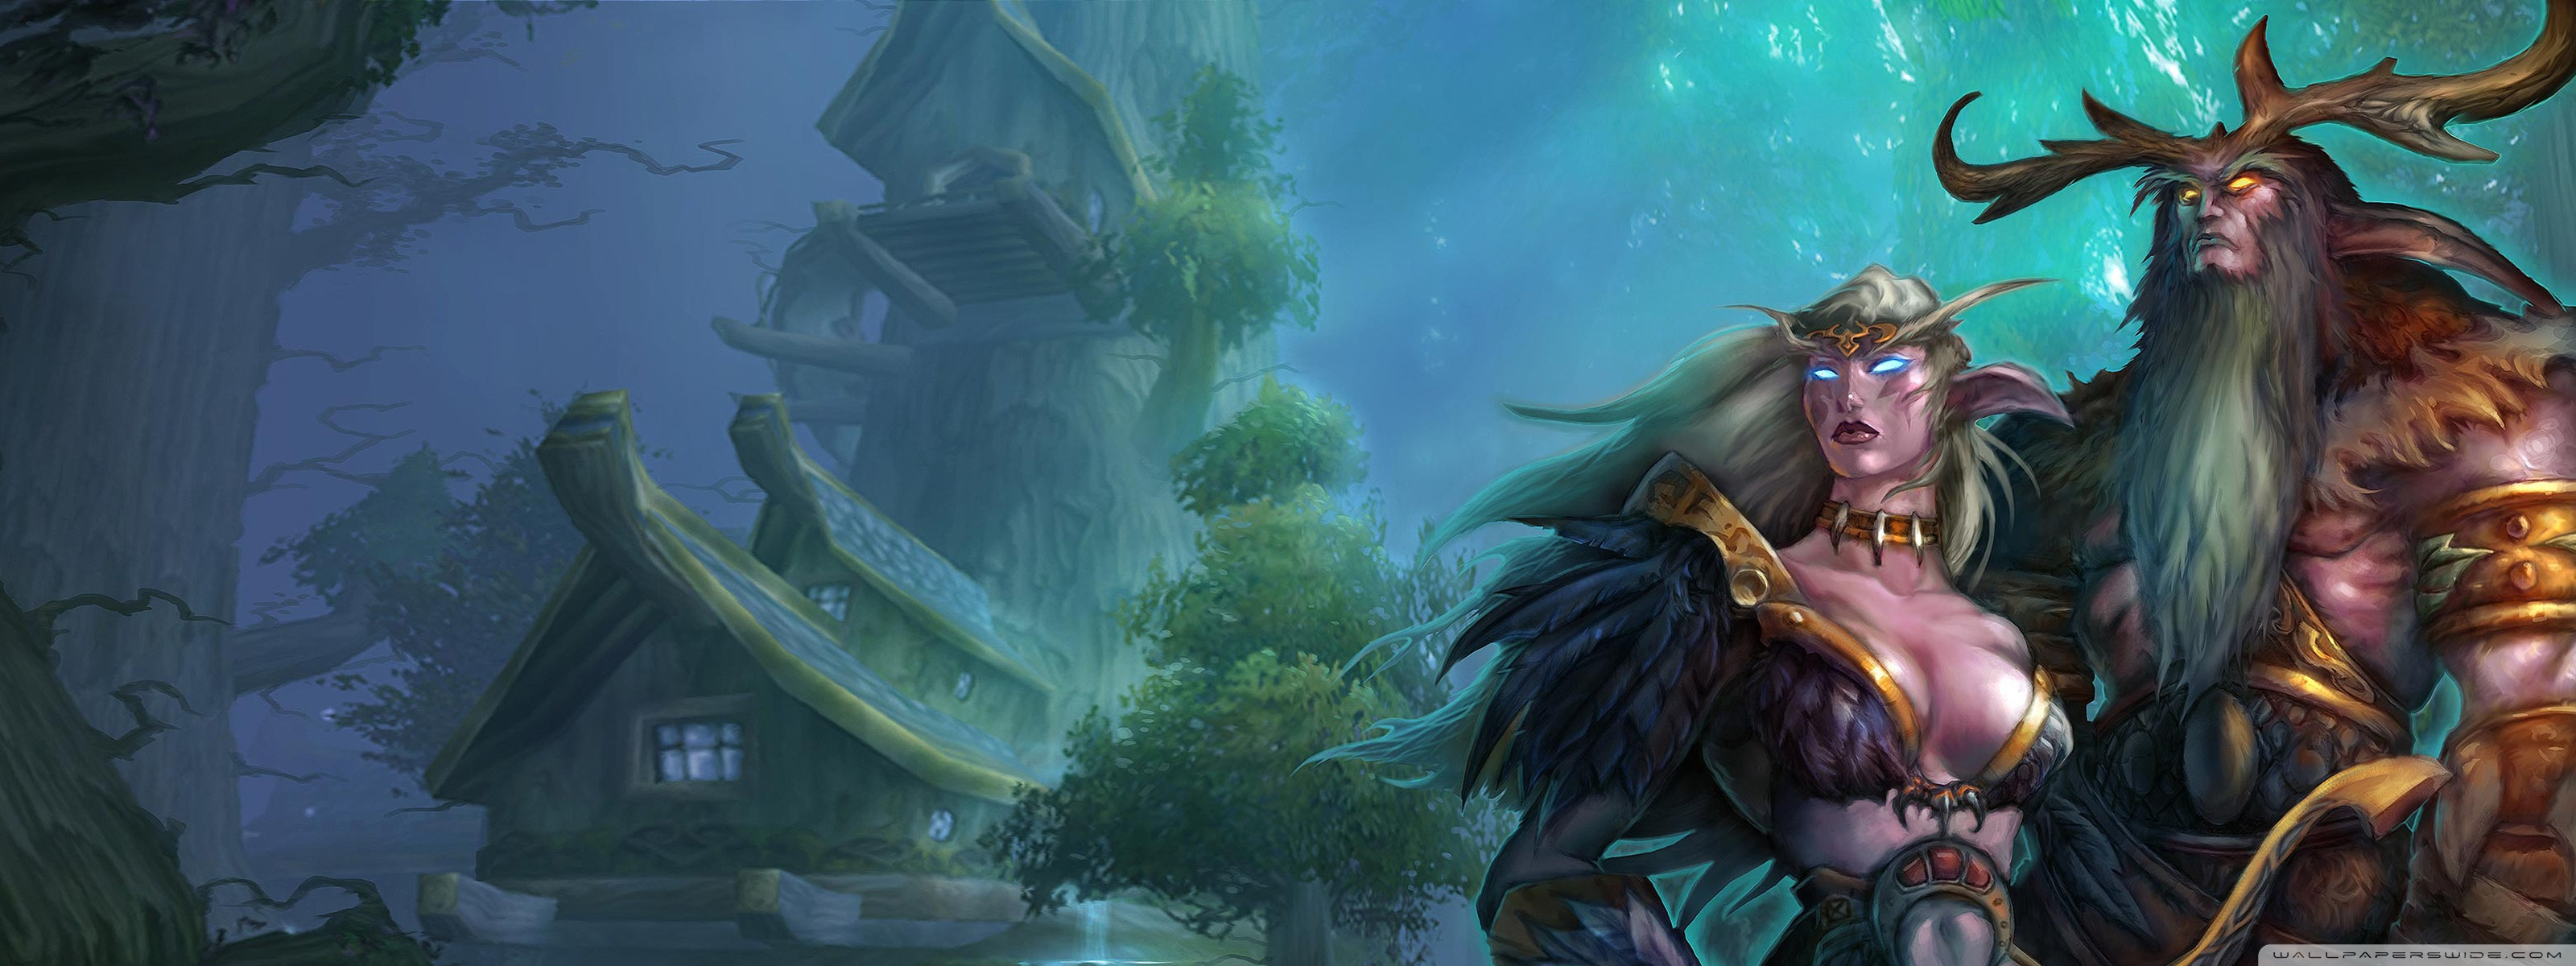 World Of Warcraft HD desktop wallpaper : Widescreen : High